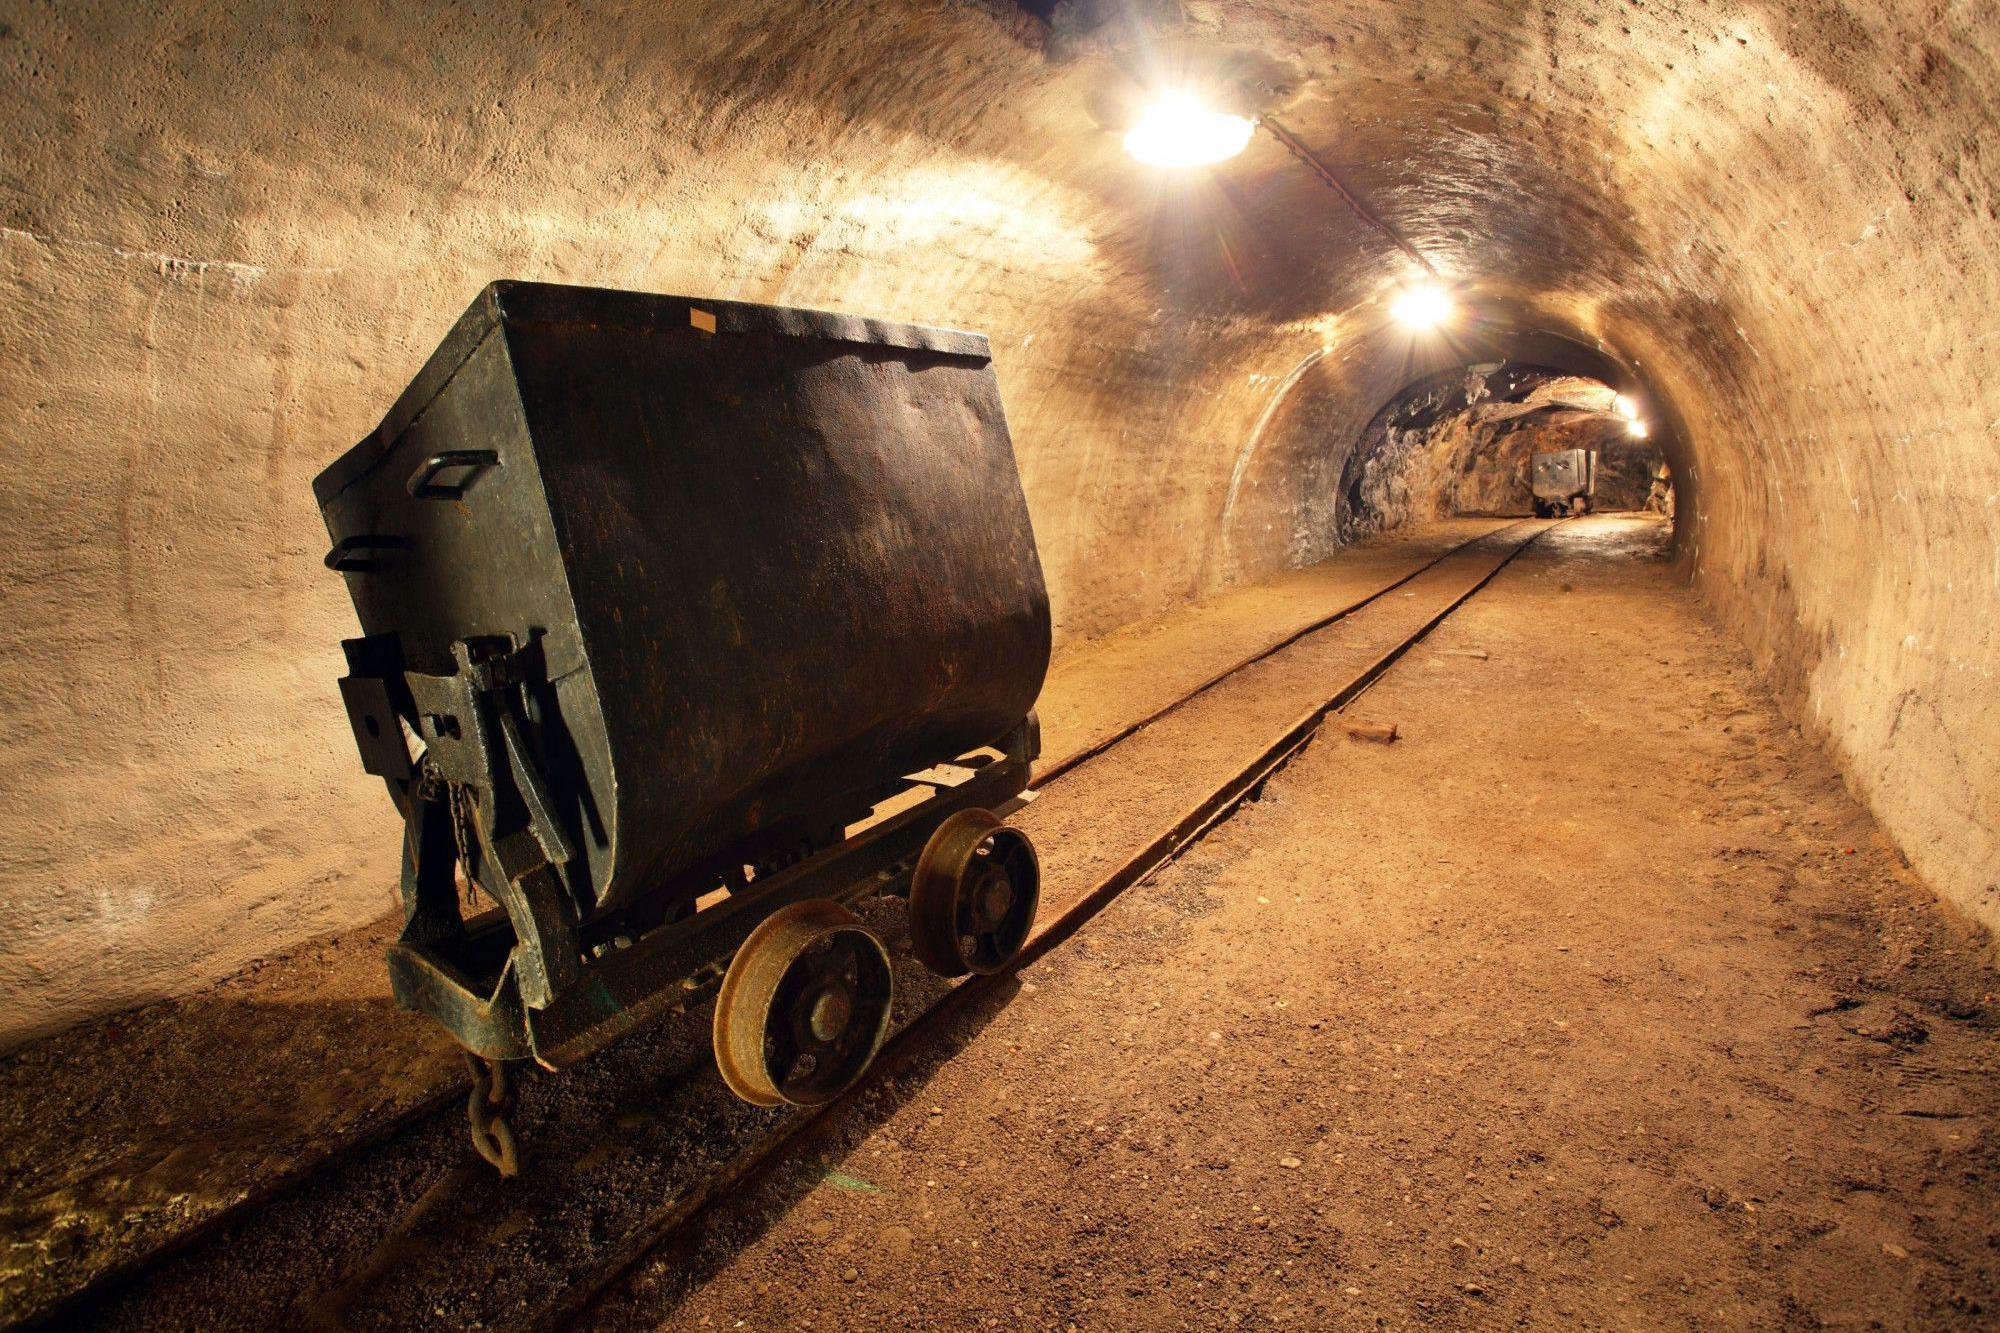 价值57.8亿!承包整个金矿建造工程,中国中铁又拿下国际大单